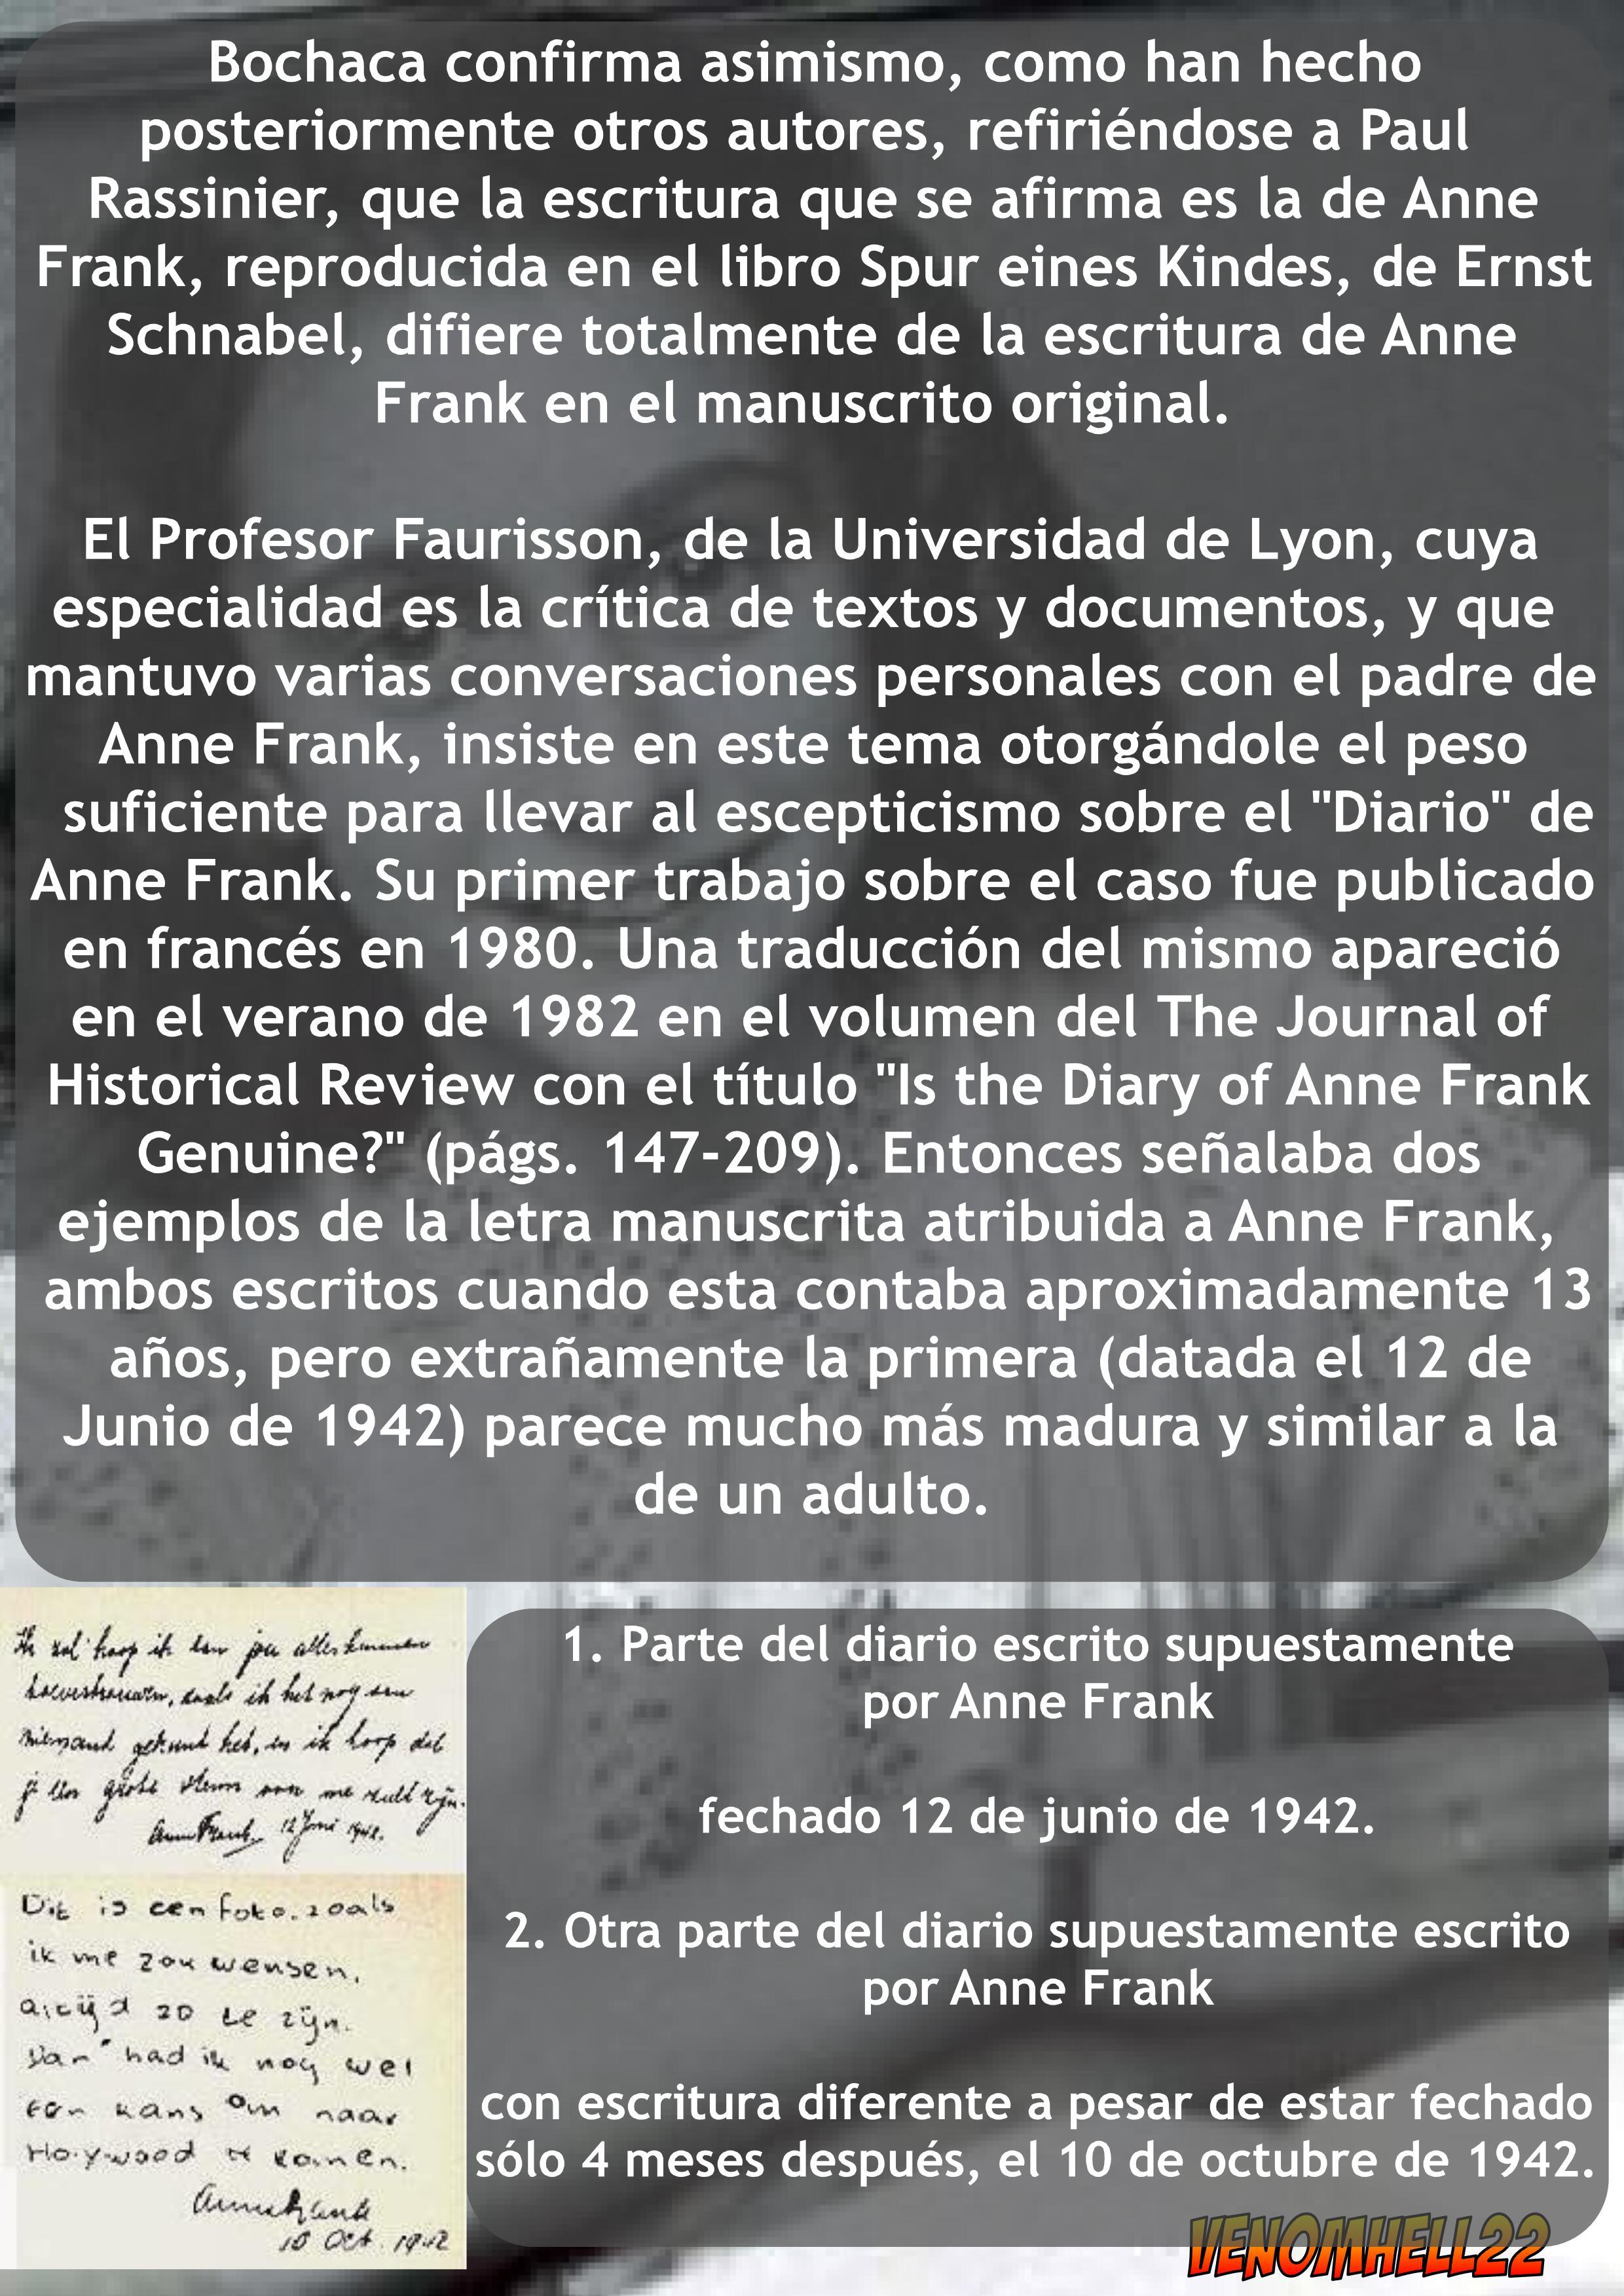 La estafa de Ana Frank